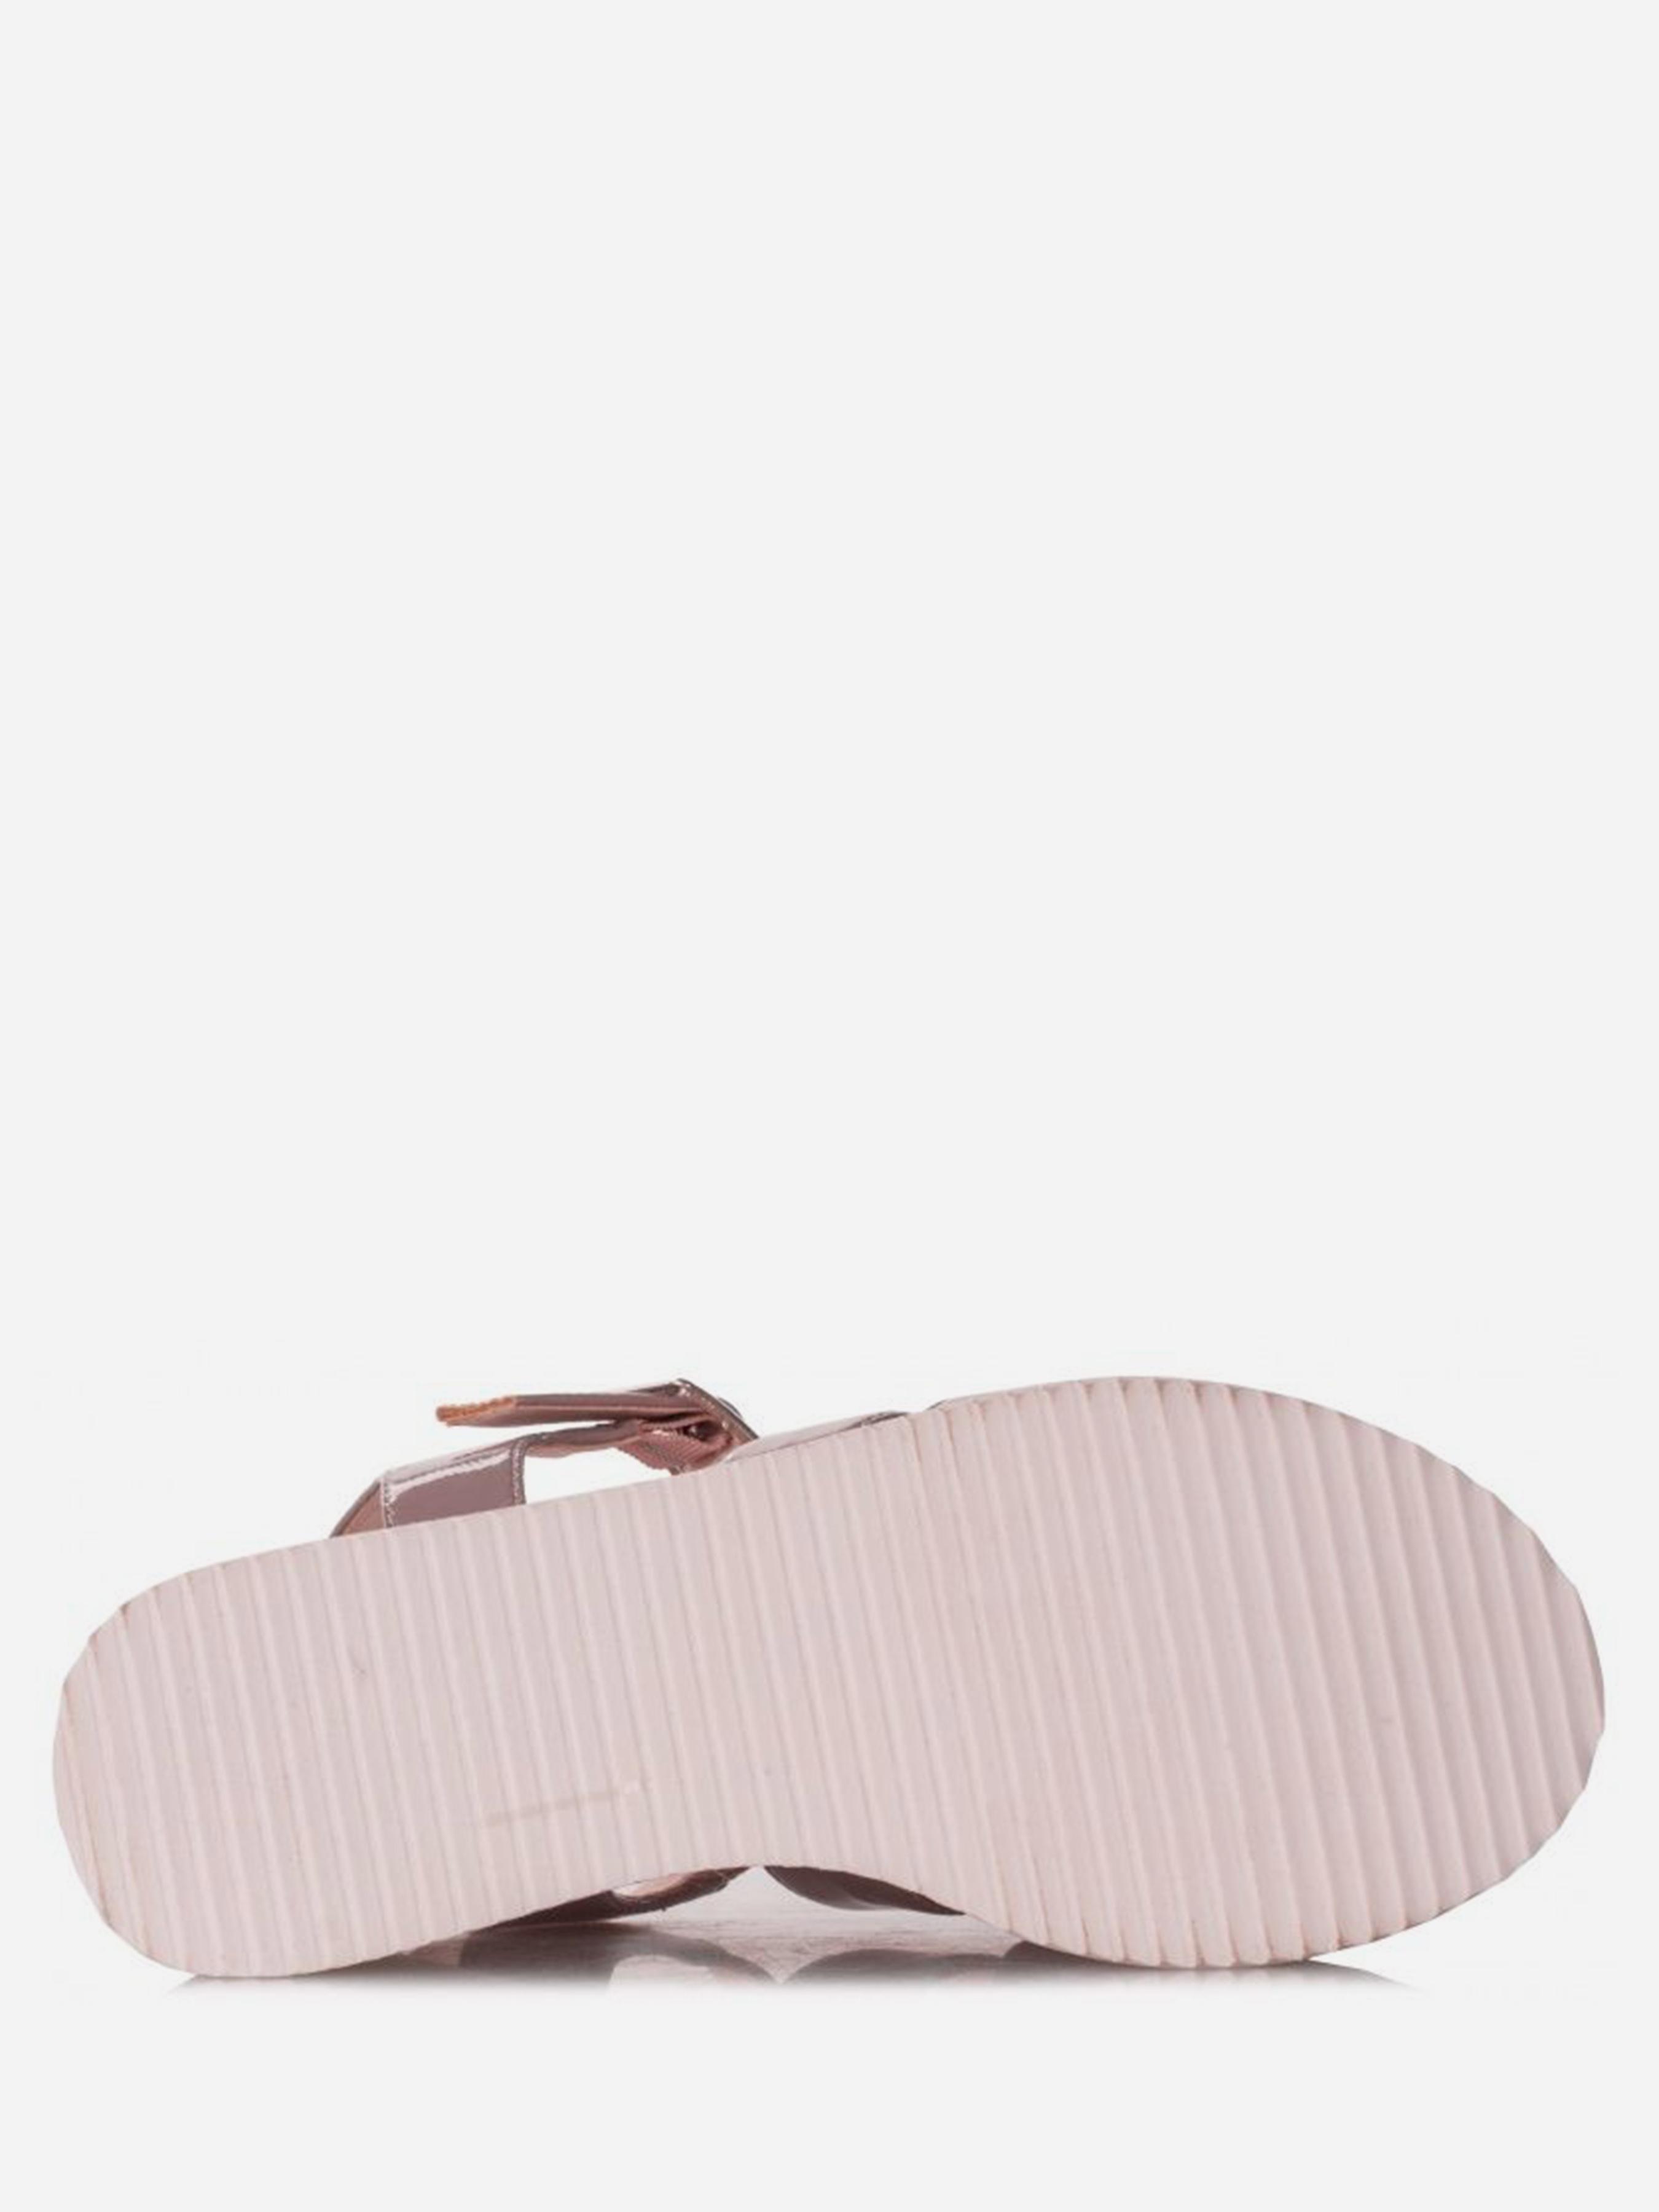 Босоножки для женщин BLINK BsammyL BL1875 купить обувь, 2017